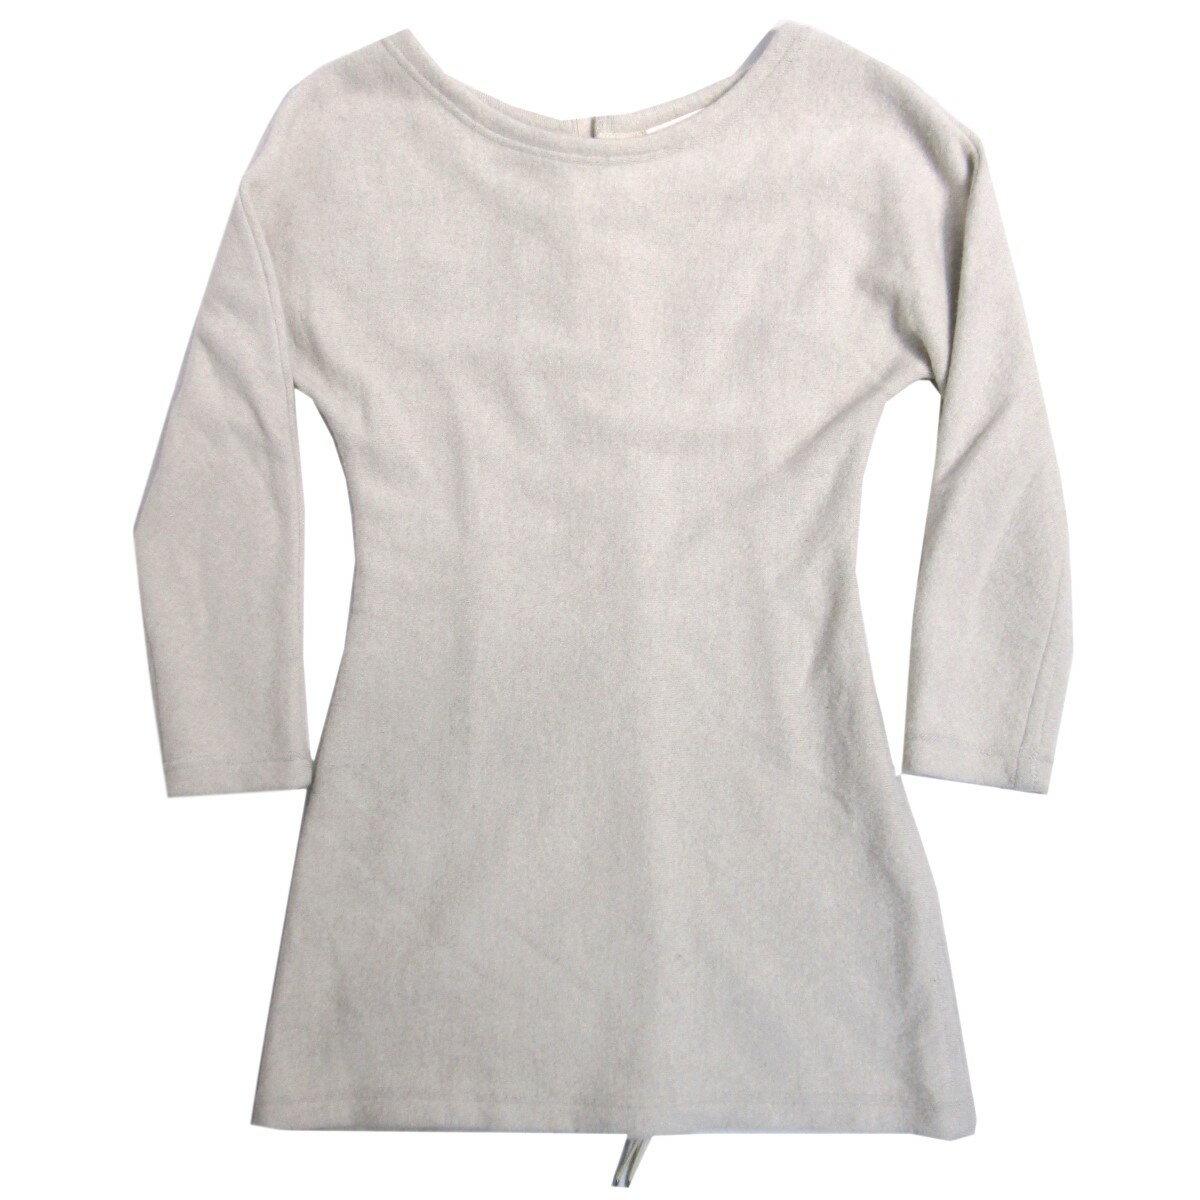 レディースファッション, ワンピース CELINE Angora Wool Knit Sweater XS 061021